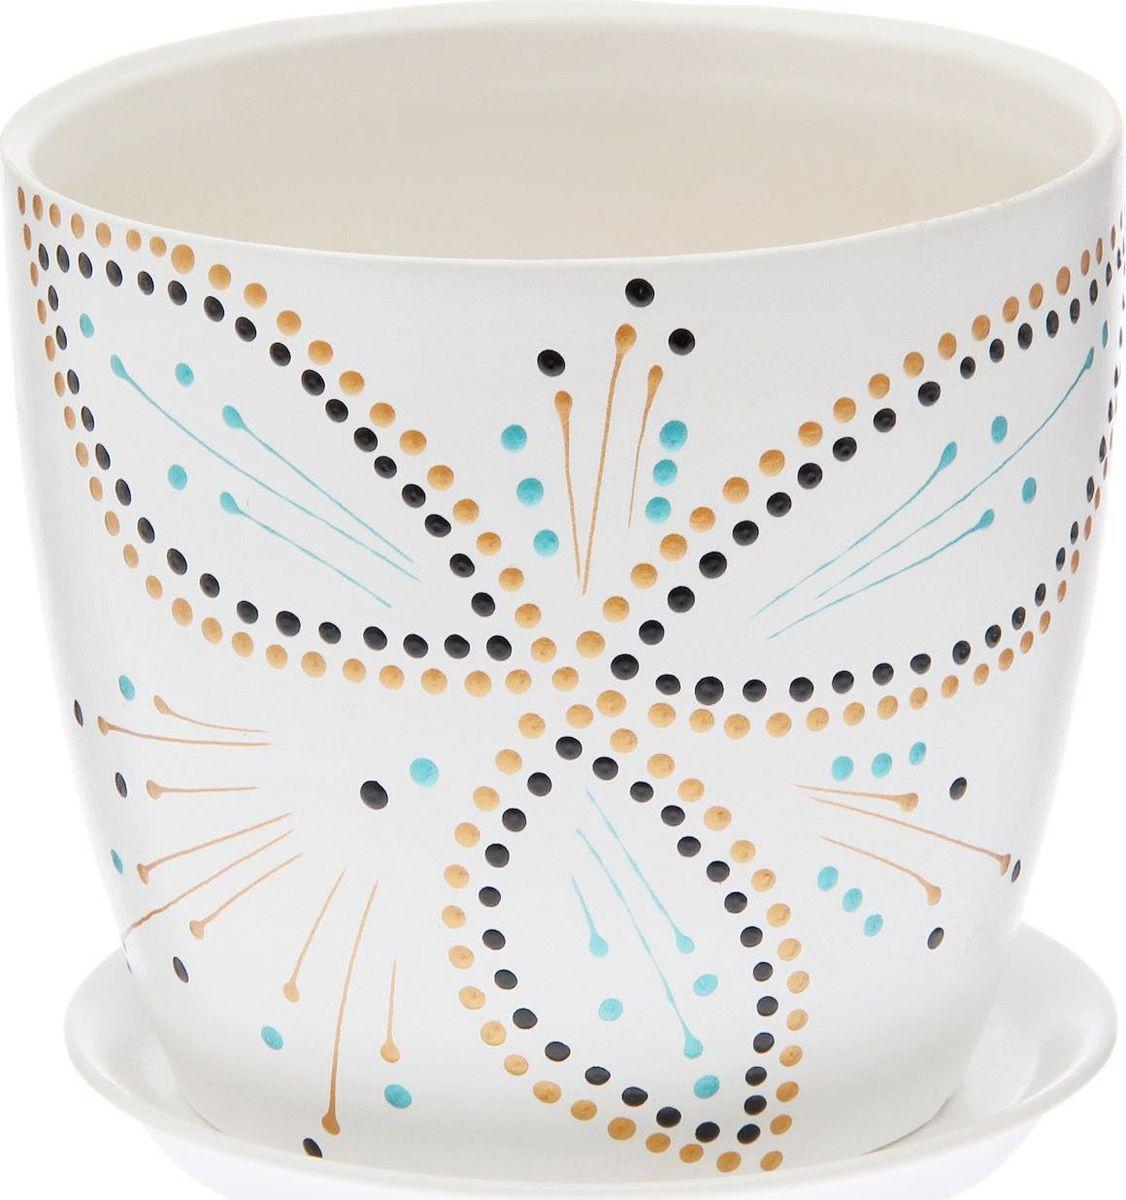 Кашпо Керамика ручной работы Осень. Дорисовка, цвет: белый, 3 л1968902Комнатные растения — всеобщие любимцы. Они радуют глаз, насыщают помещение кислородом и украшают пространство. Каждому из них необходим свой удобный и красивый дом. Кашпо из керамики прекрасно подходят для высадки растений: за счет пластичности глины и разных способов обработки существует великое множество форм и дизайнов пористый материал позволяет испаряться лишней влаге воздух, необходимый для дыхания корней, проникает сквозь керамические стенки! позаботится о зеленом питомце, освежит интерьер и подчеркнет его стиль.